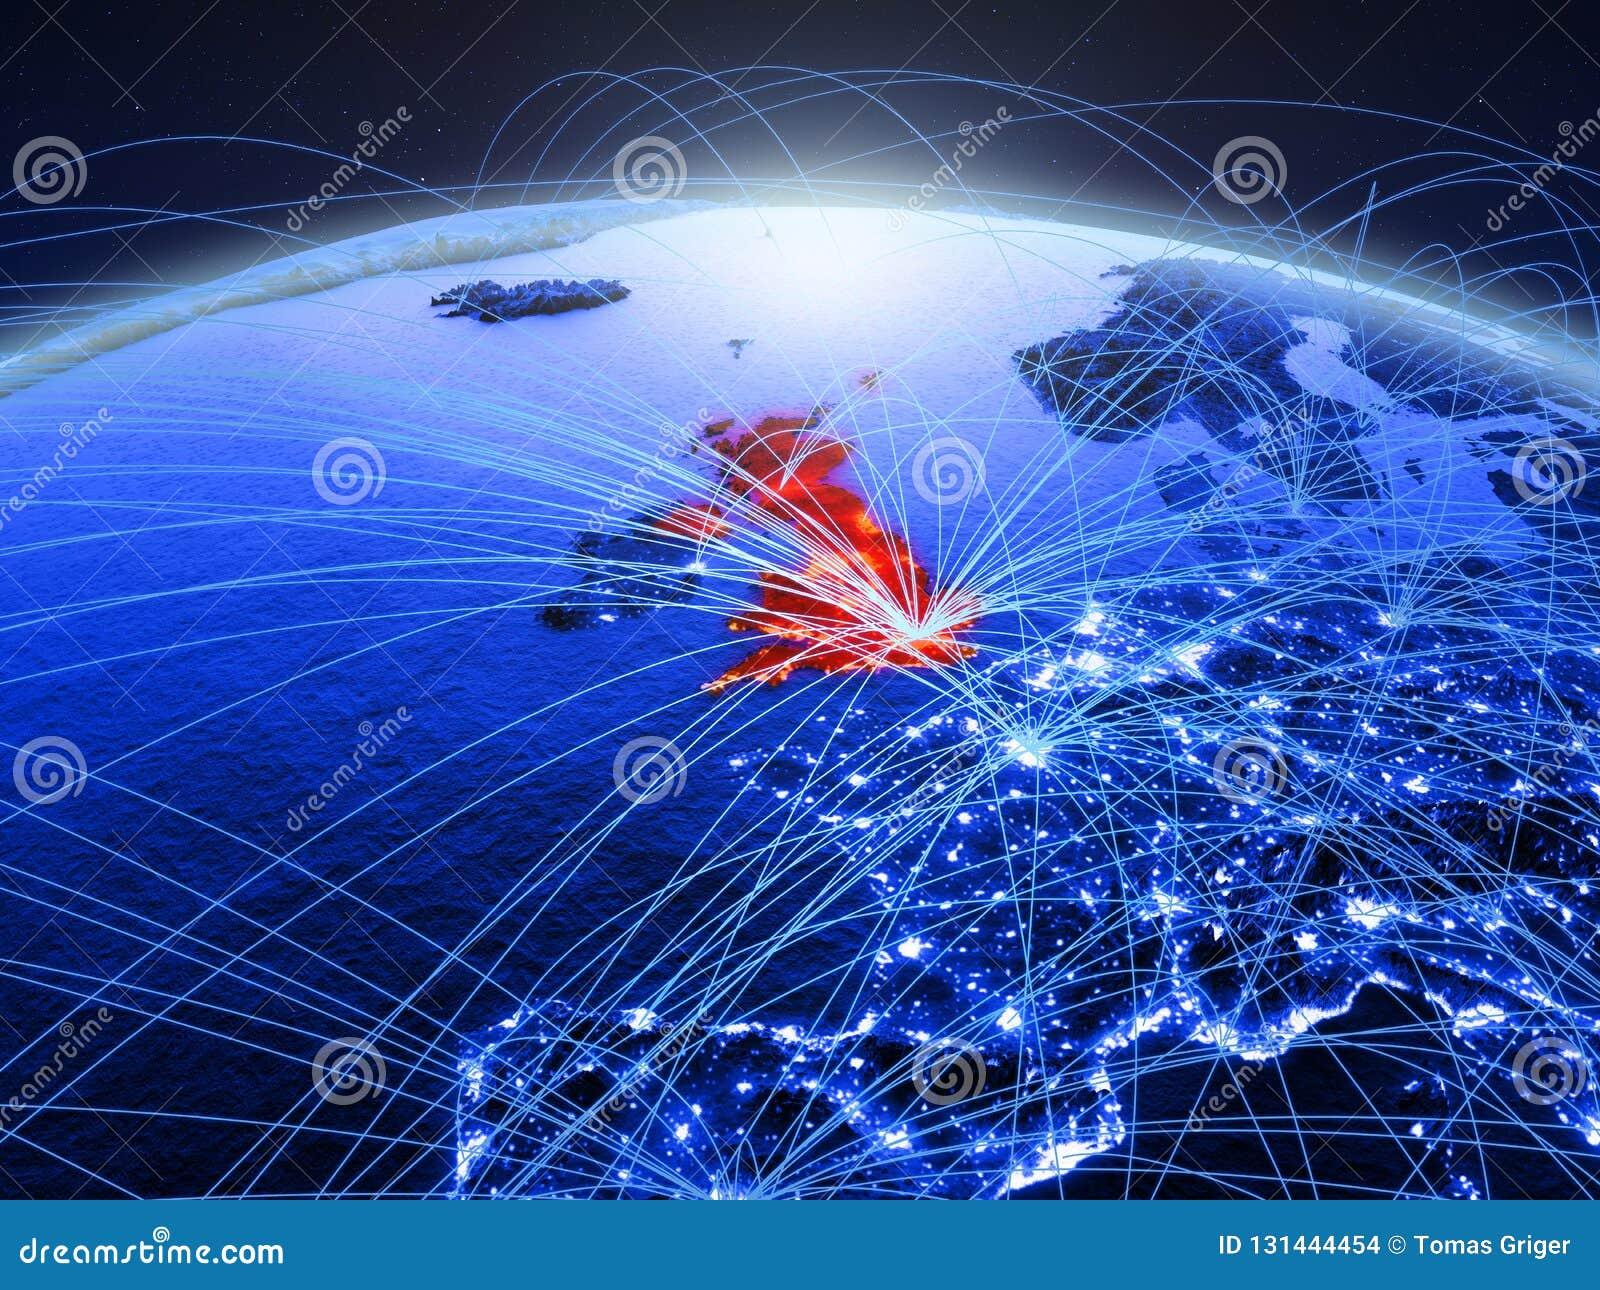 Zjednoczone Królestwo na błękitnej cyfrowej planety ziemi z międzynarodową siecią reprezentuje komunikację, podróż i związki, 3d